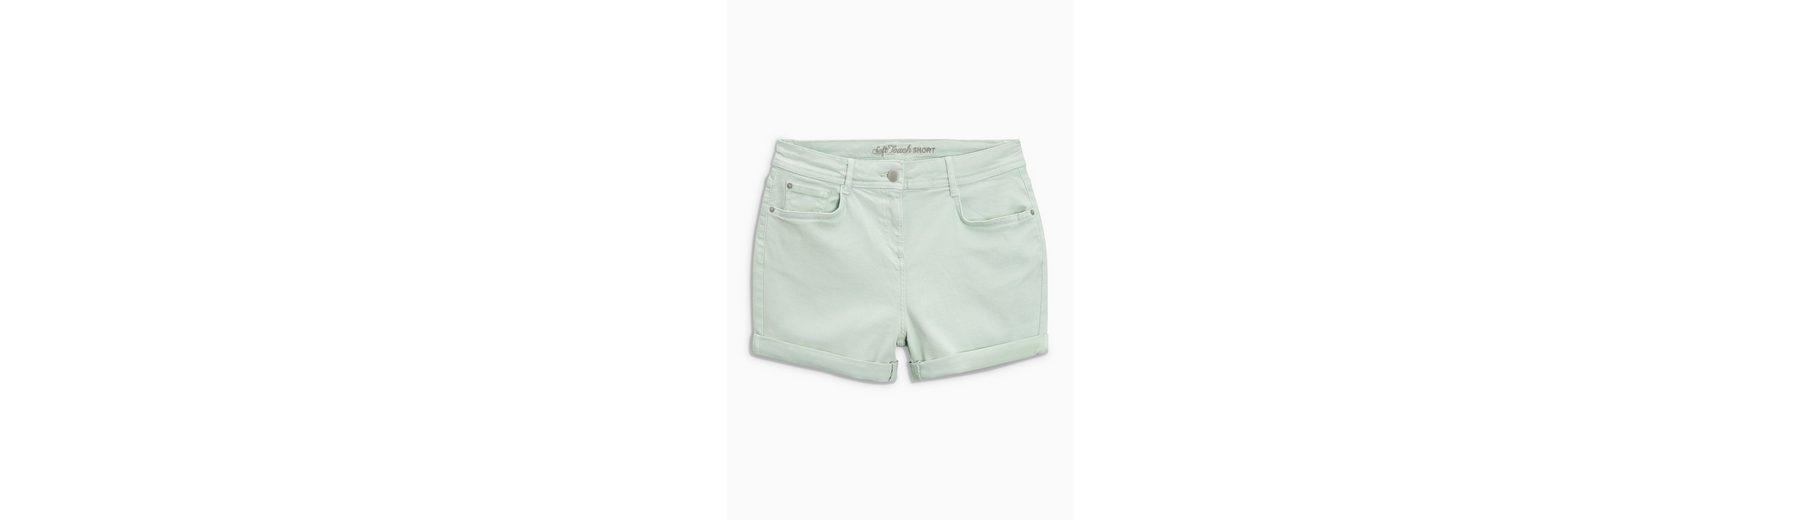 Next Weiche Shorts Rabatt Zahlen Mit Paypal YGW928